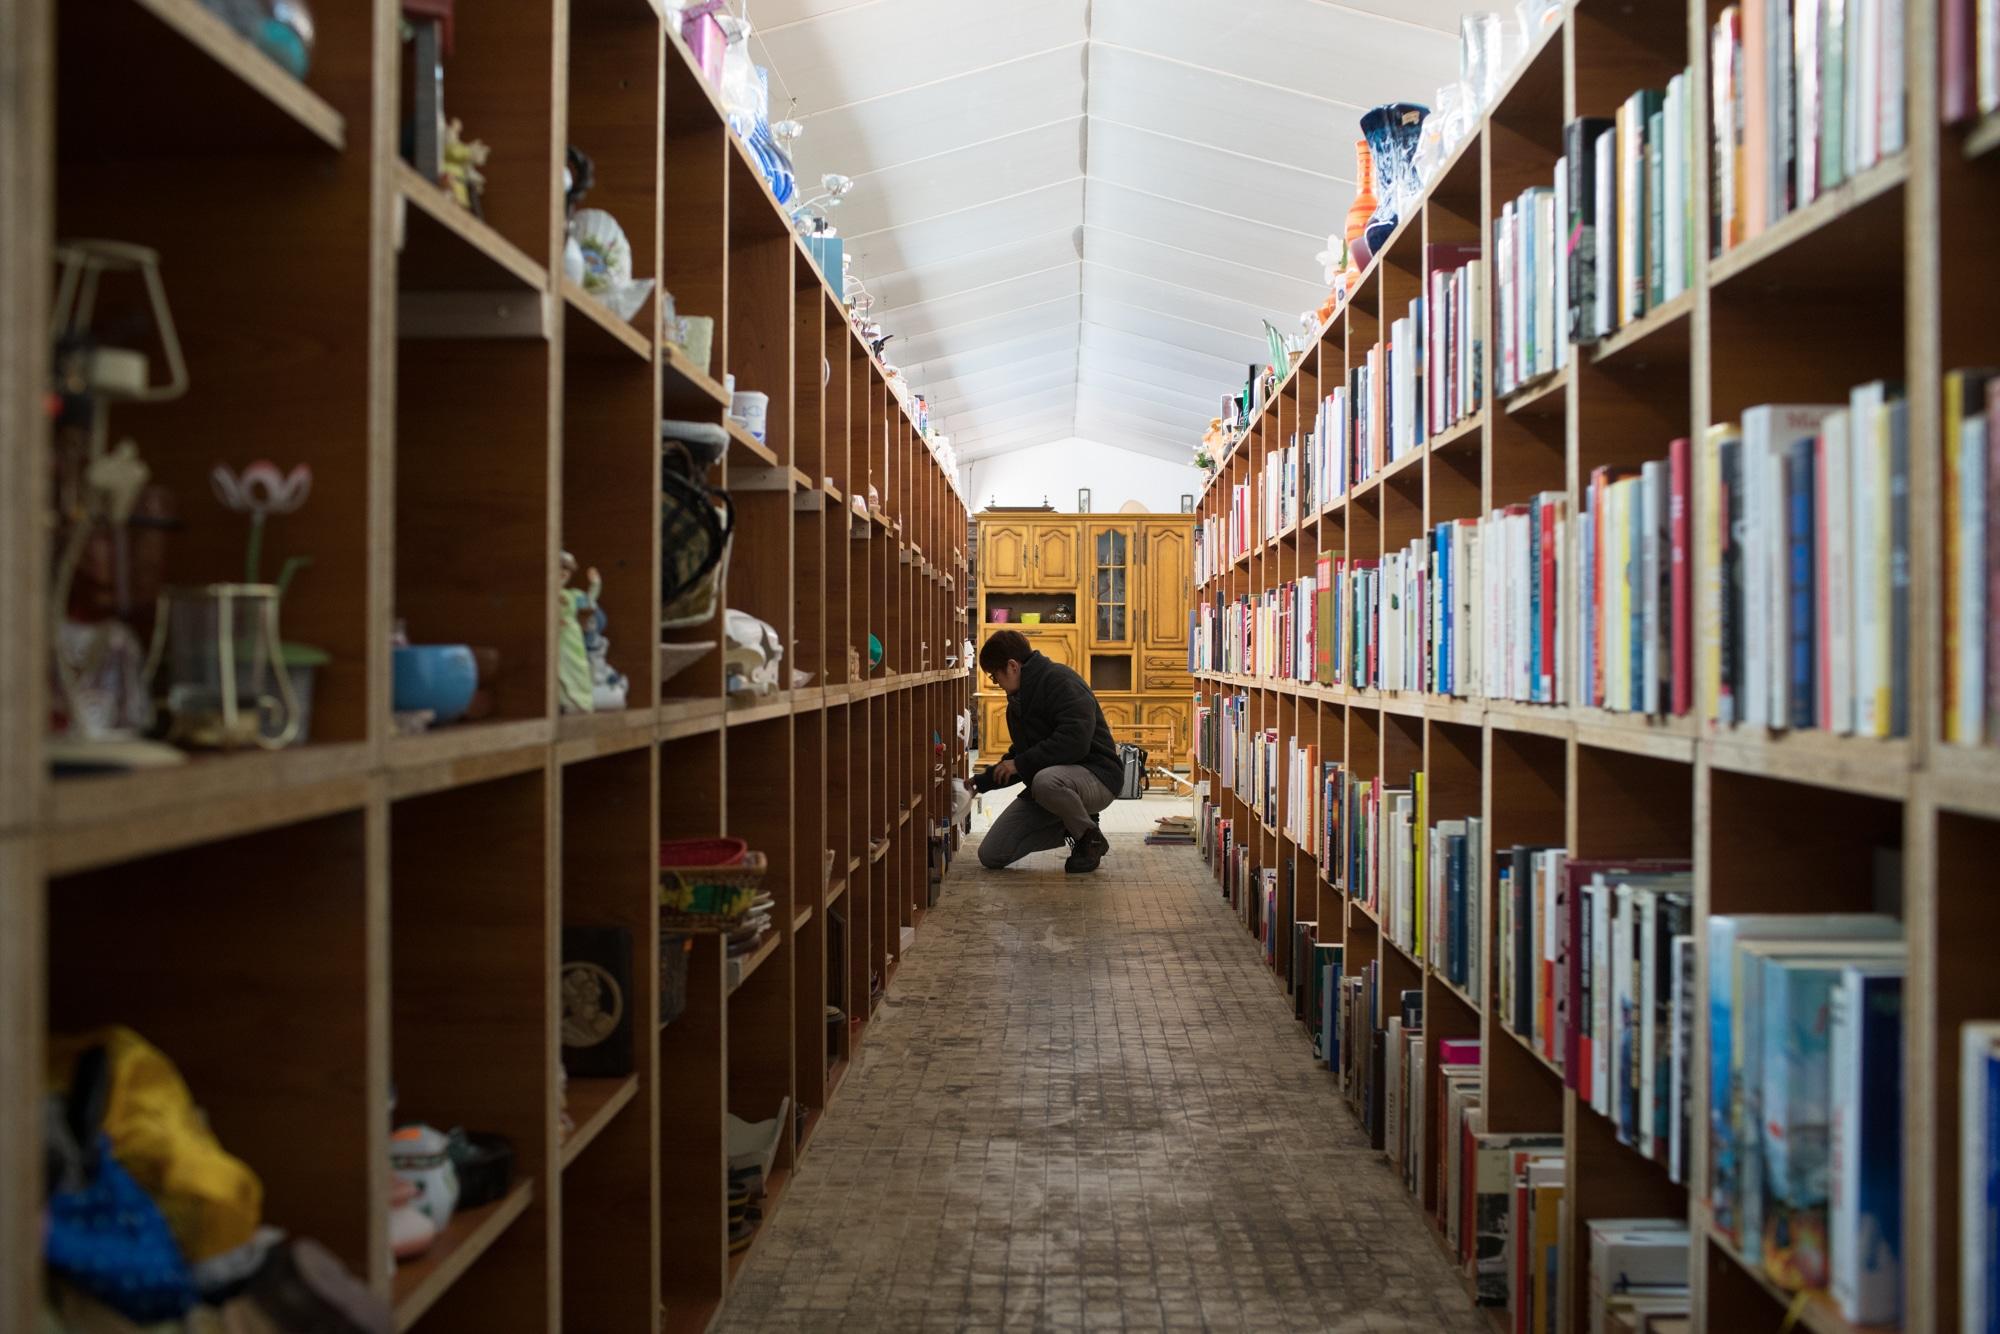 Au bout d'un couloir constitué de deux grandes bibliothèques ornées d'objets décoratifs et de livres, Nathalie, accroupie, range un accessoire.